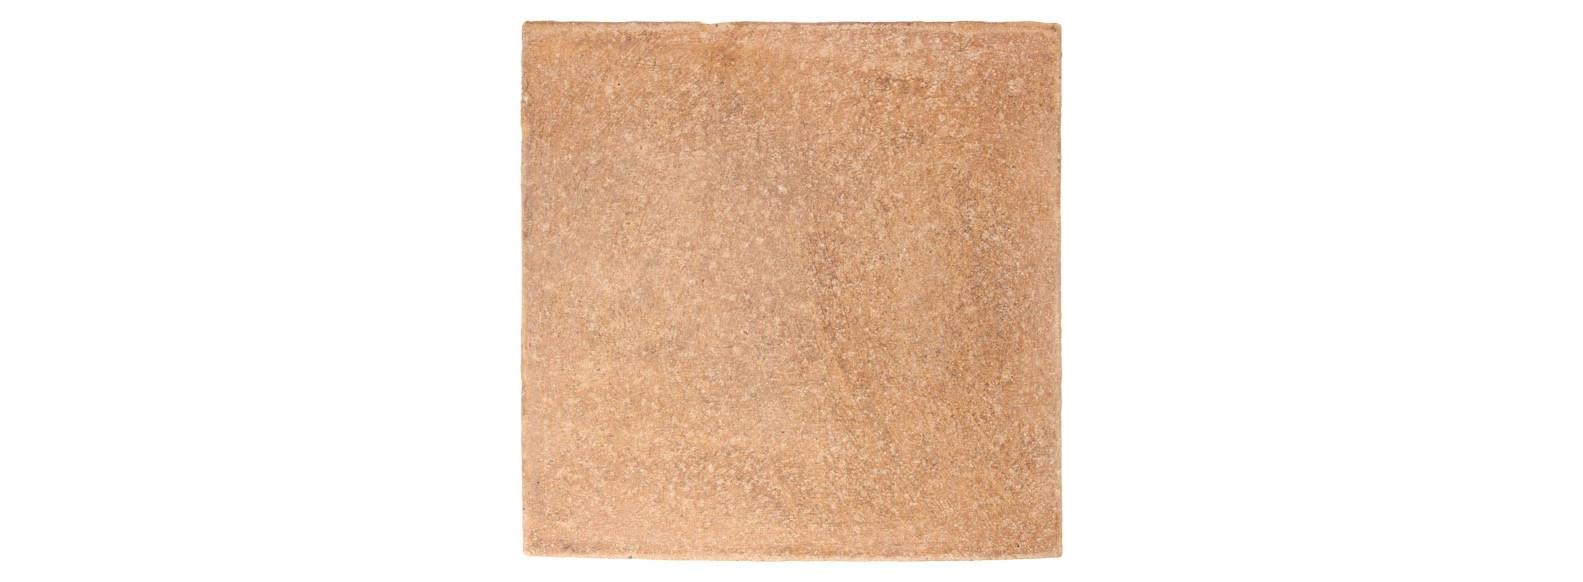 échantillon de terre cuite patinée main - Sable foncé